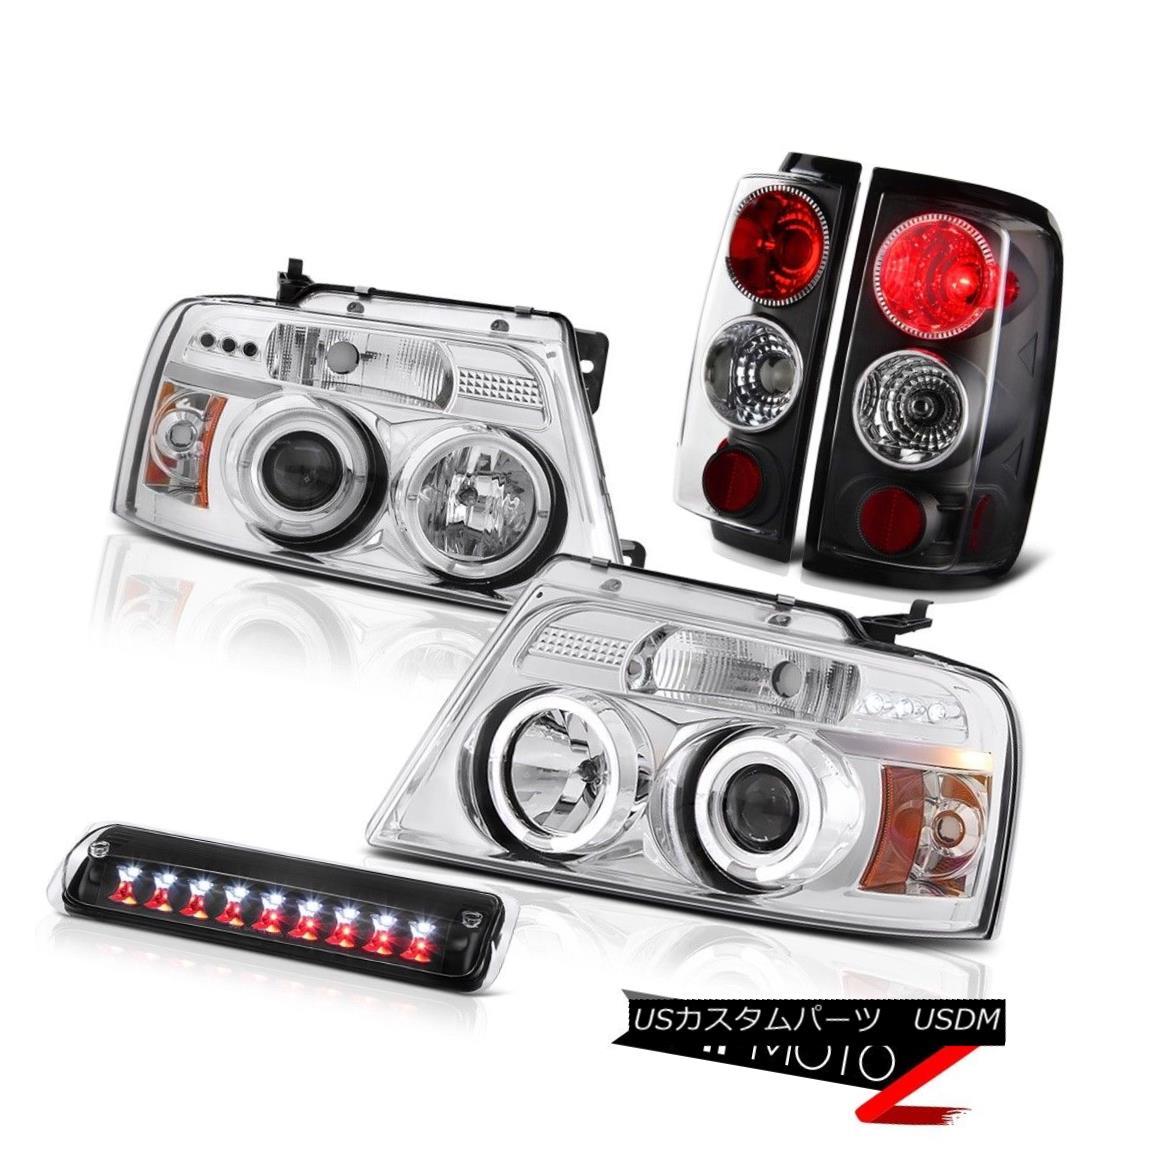 テールライト 04-08 Ford F150 FX4 High Stop Light Clear Chrome Headlamps Taillamps Halo Rim 04-08 Ford F150 FX4ハイストップライトクリアクロームヘッドランプタイルランプHalo Rim